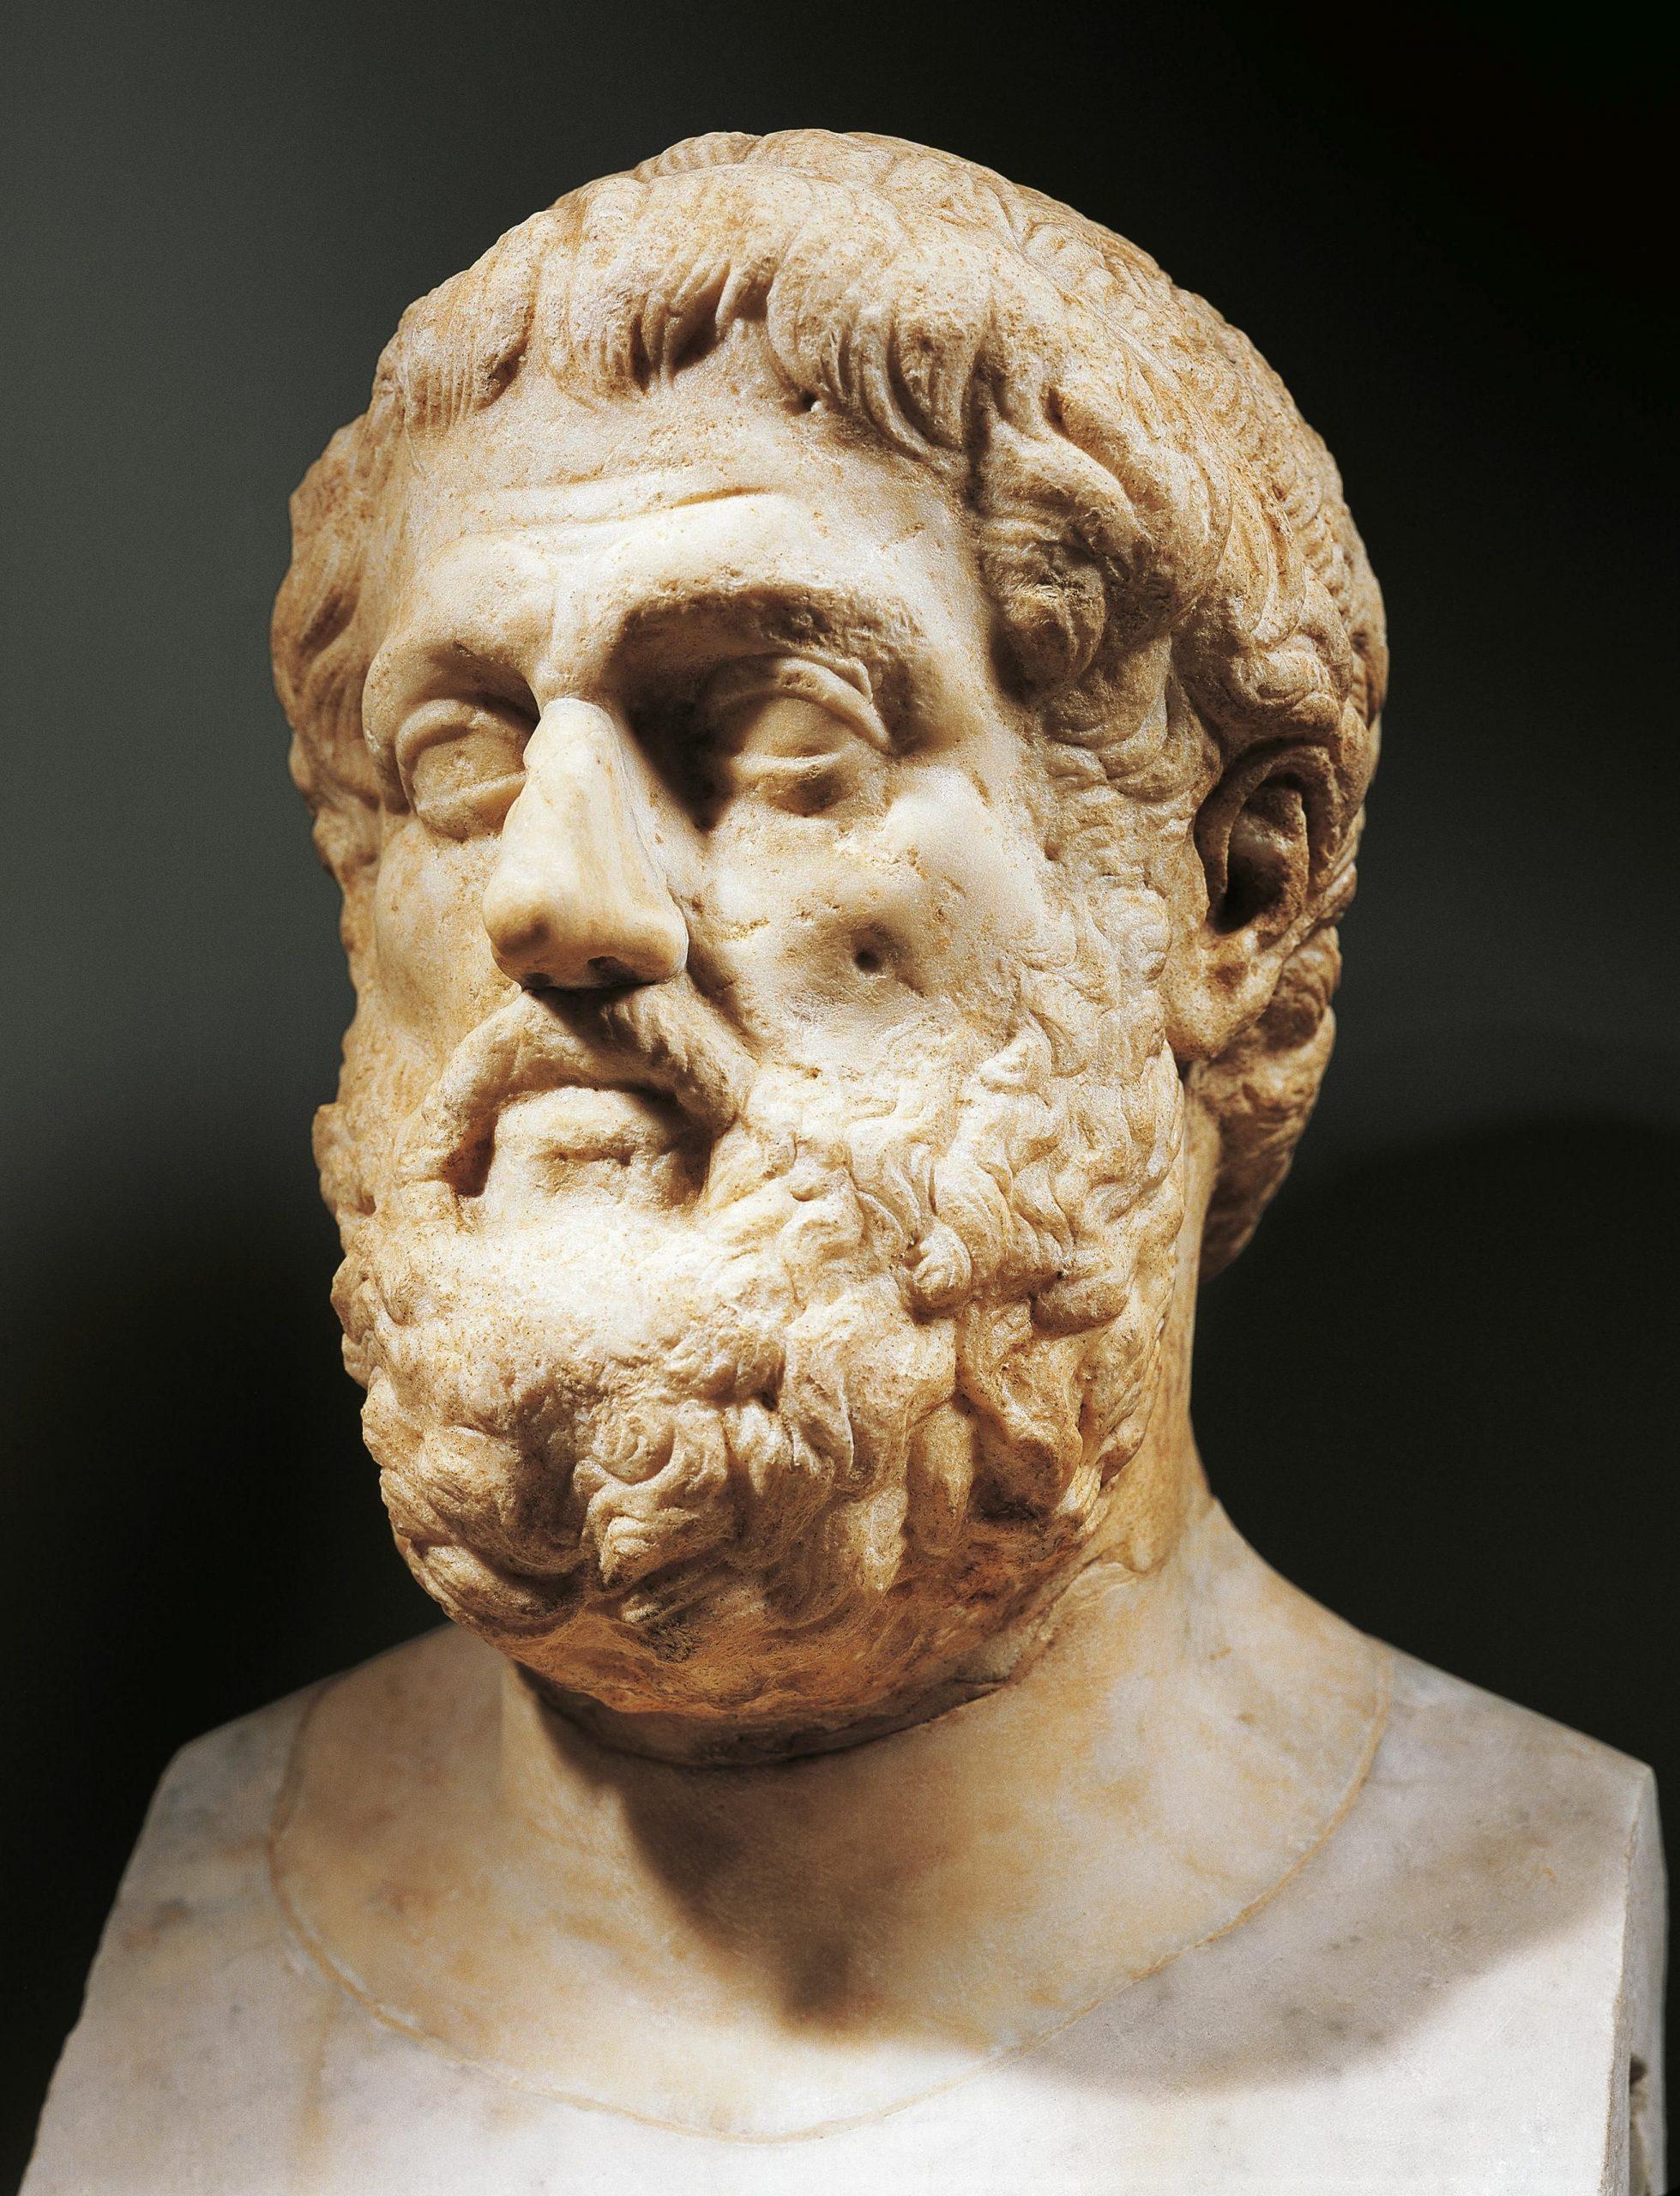 الشاعر سوفوكليس واهتمامه بالعمل المسرحي